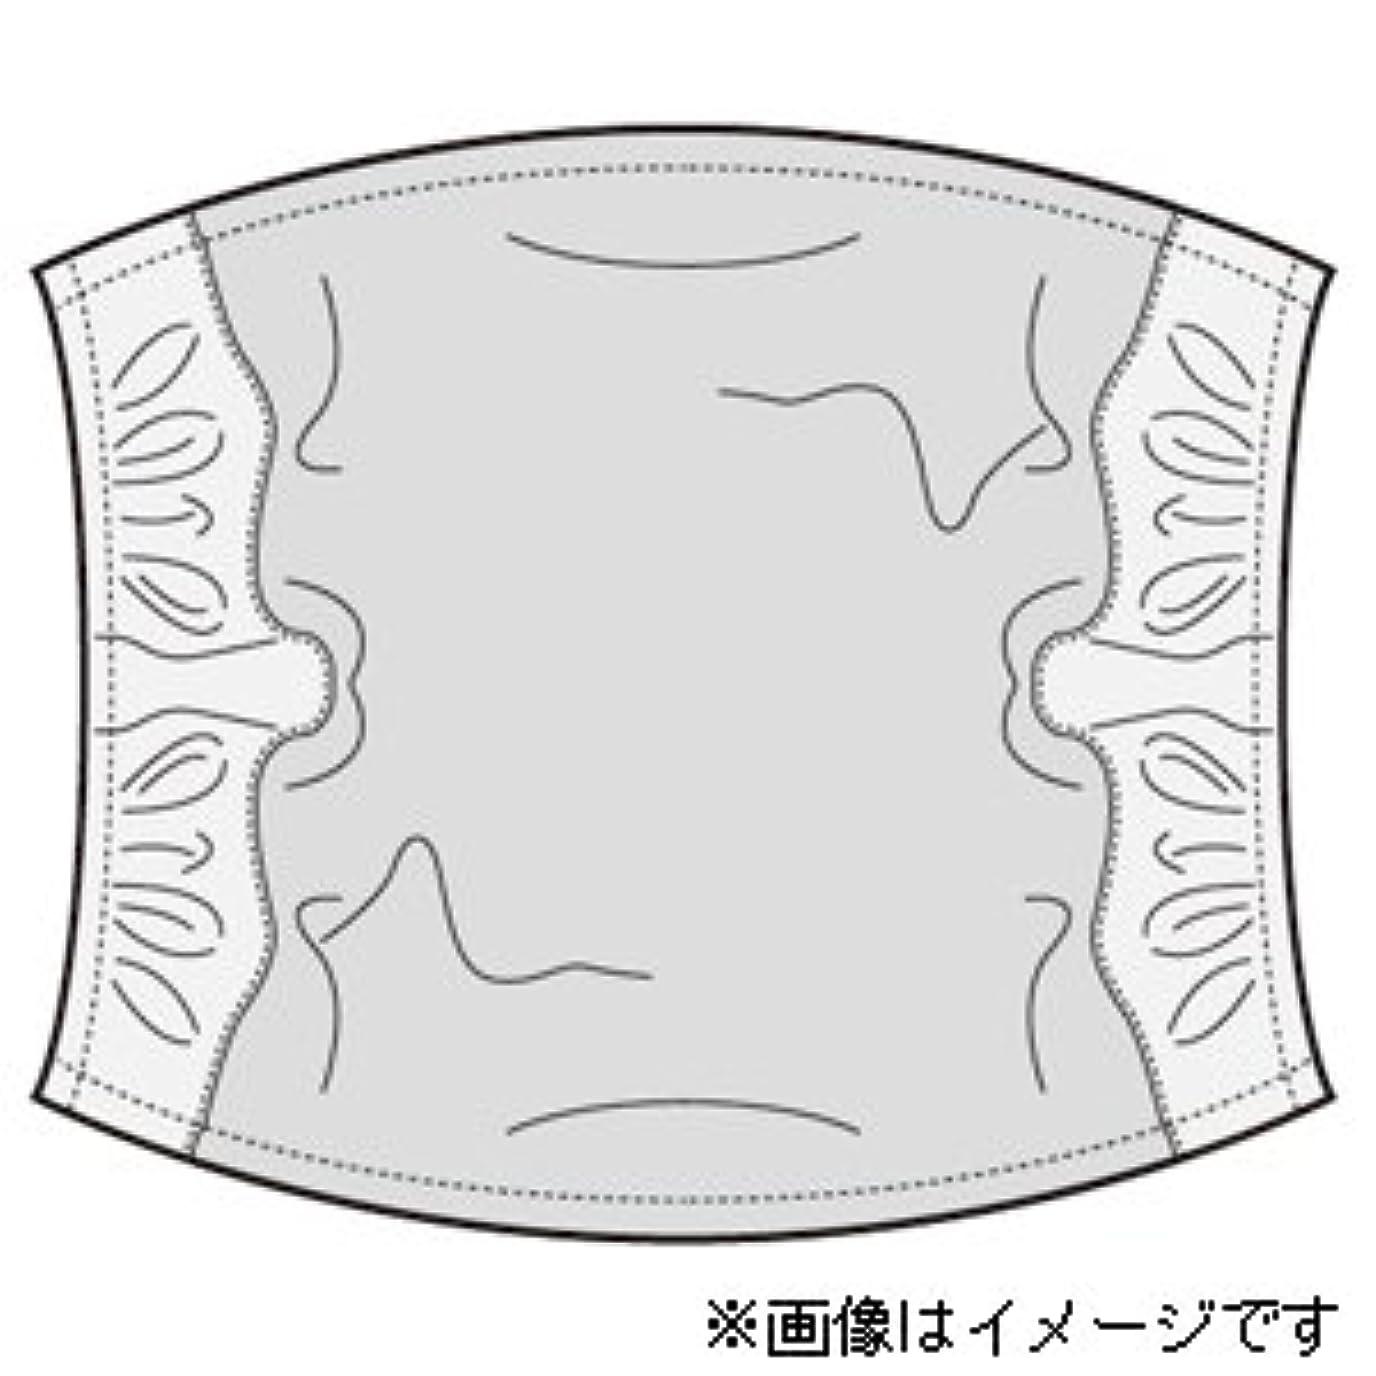 一杯専門用語不良品オムロン 交換カバー HM-231-COVER